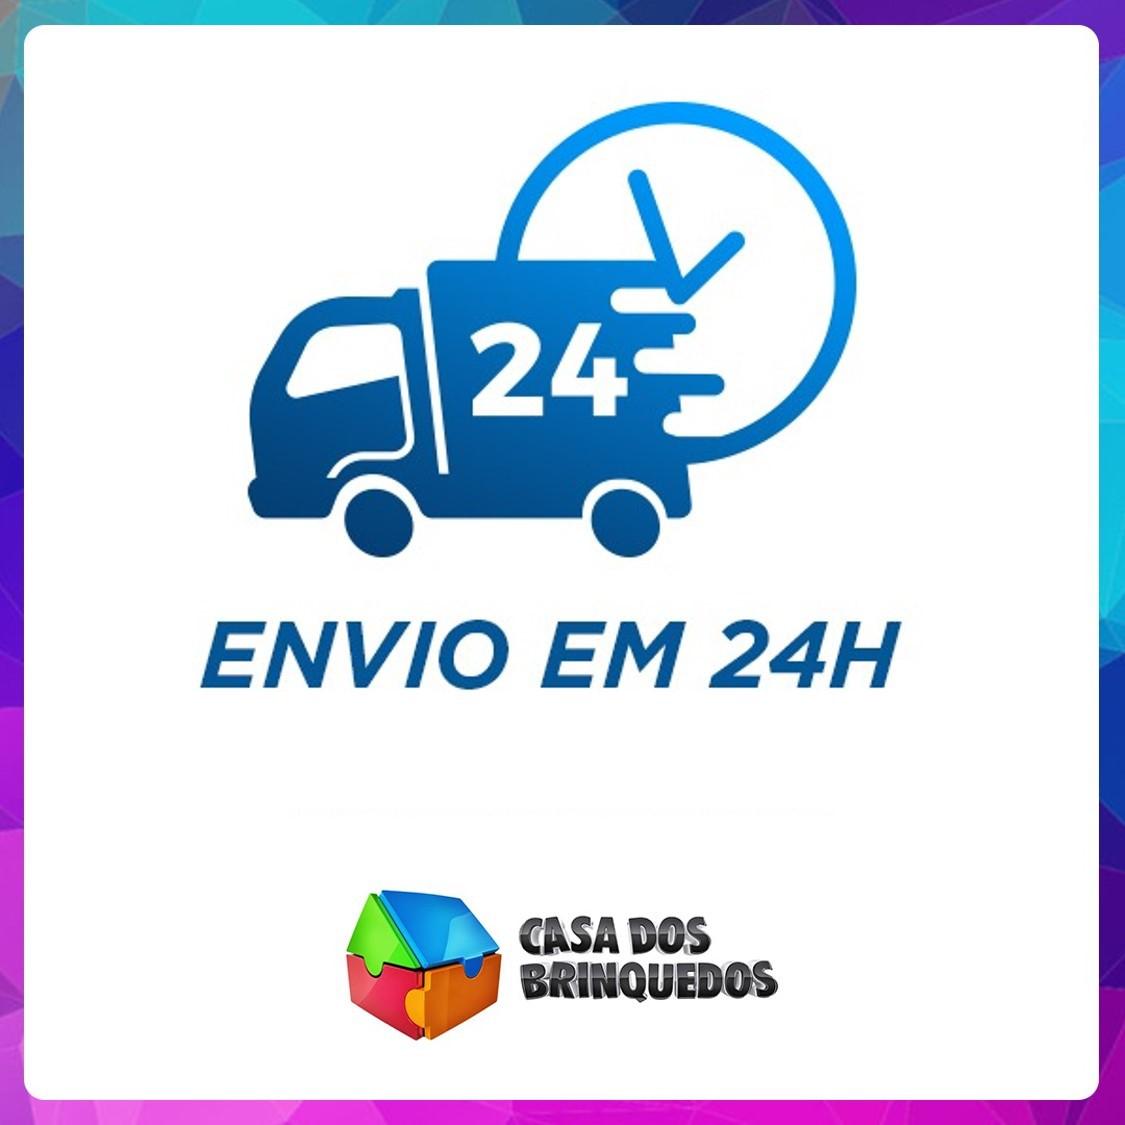 ACORDEON MINI 07 BOTOES 3 BAIXOS VERMELHA DMT5704 DM TOYS